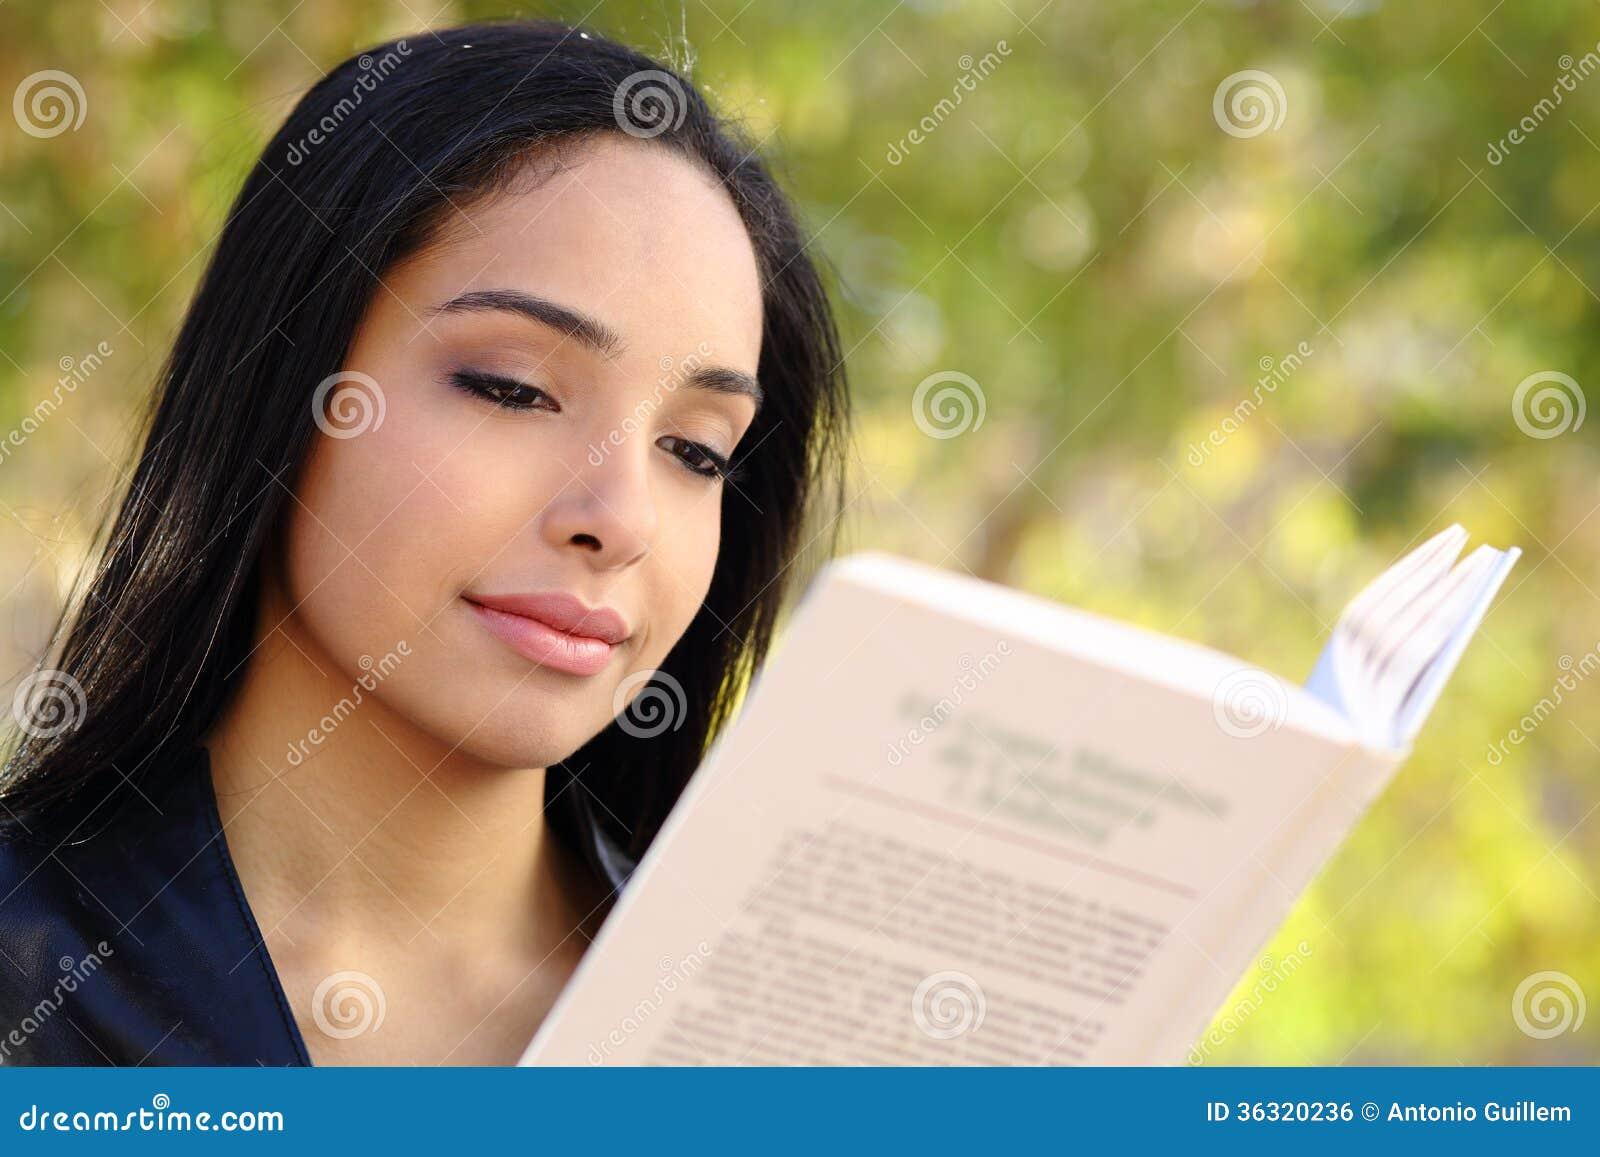 Закройте вверх красивой женщины читая книгу в парке